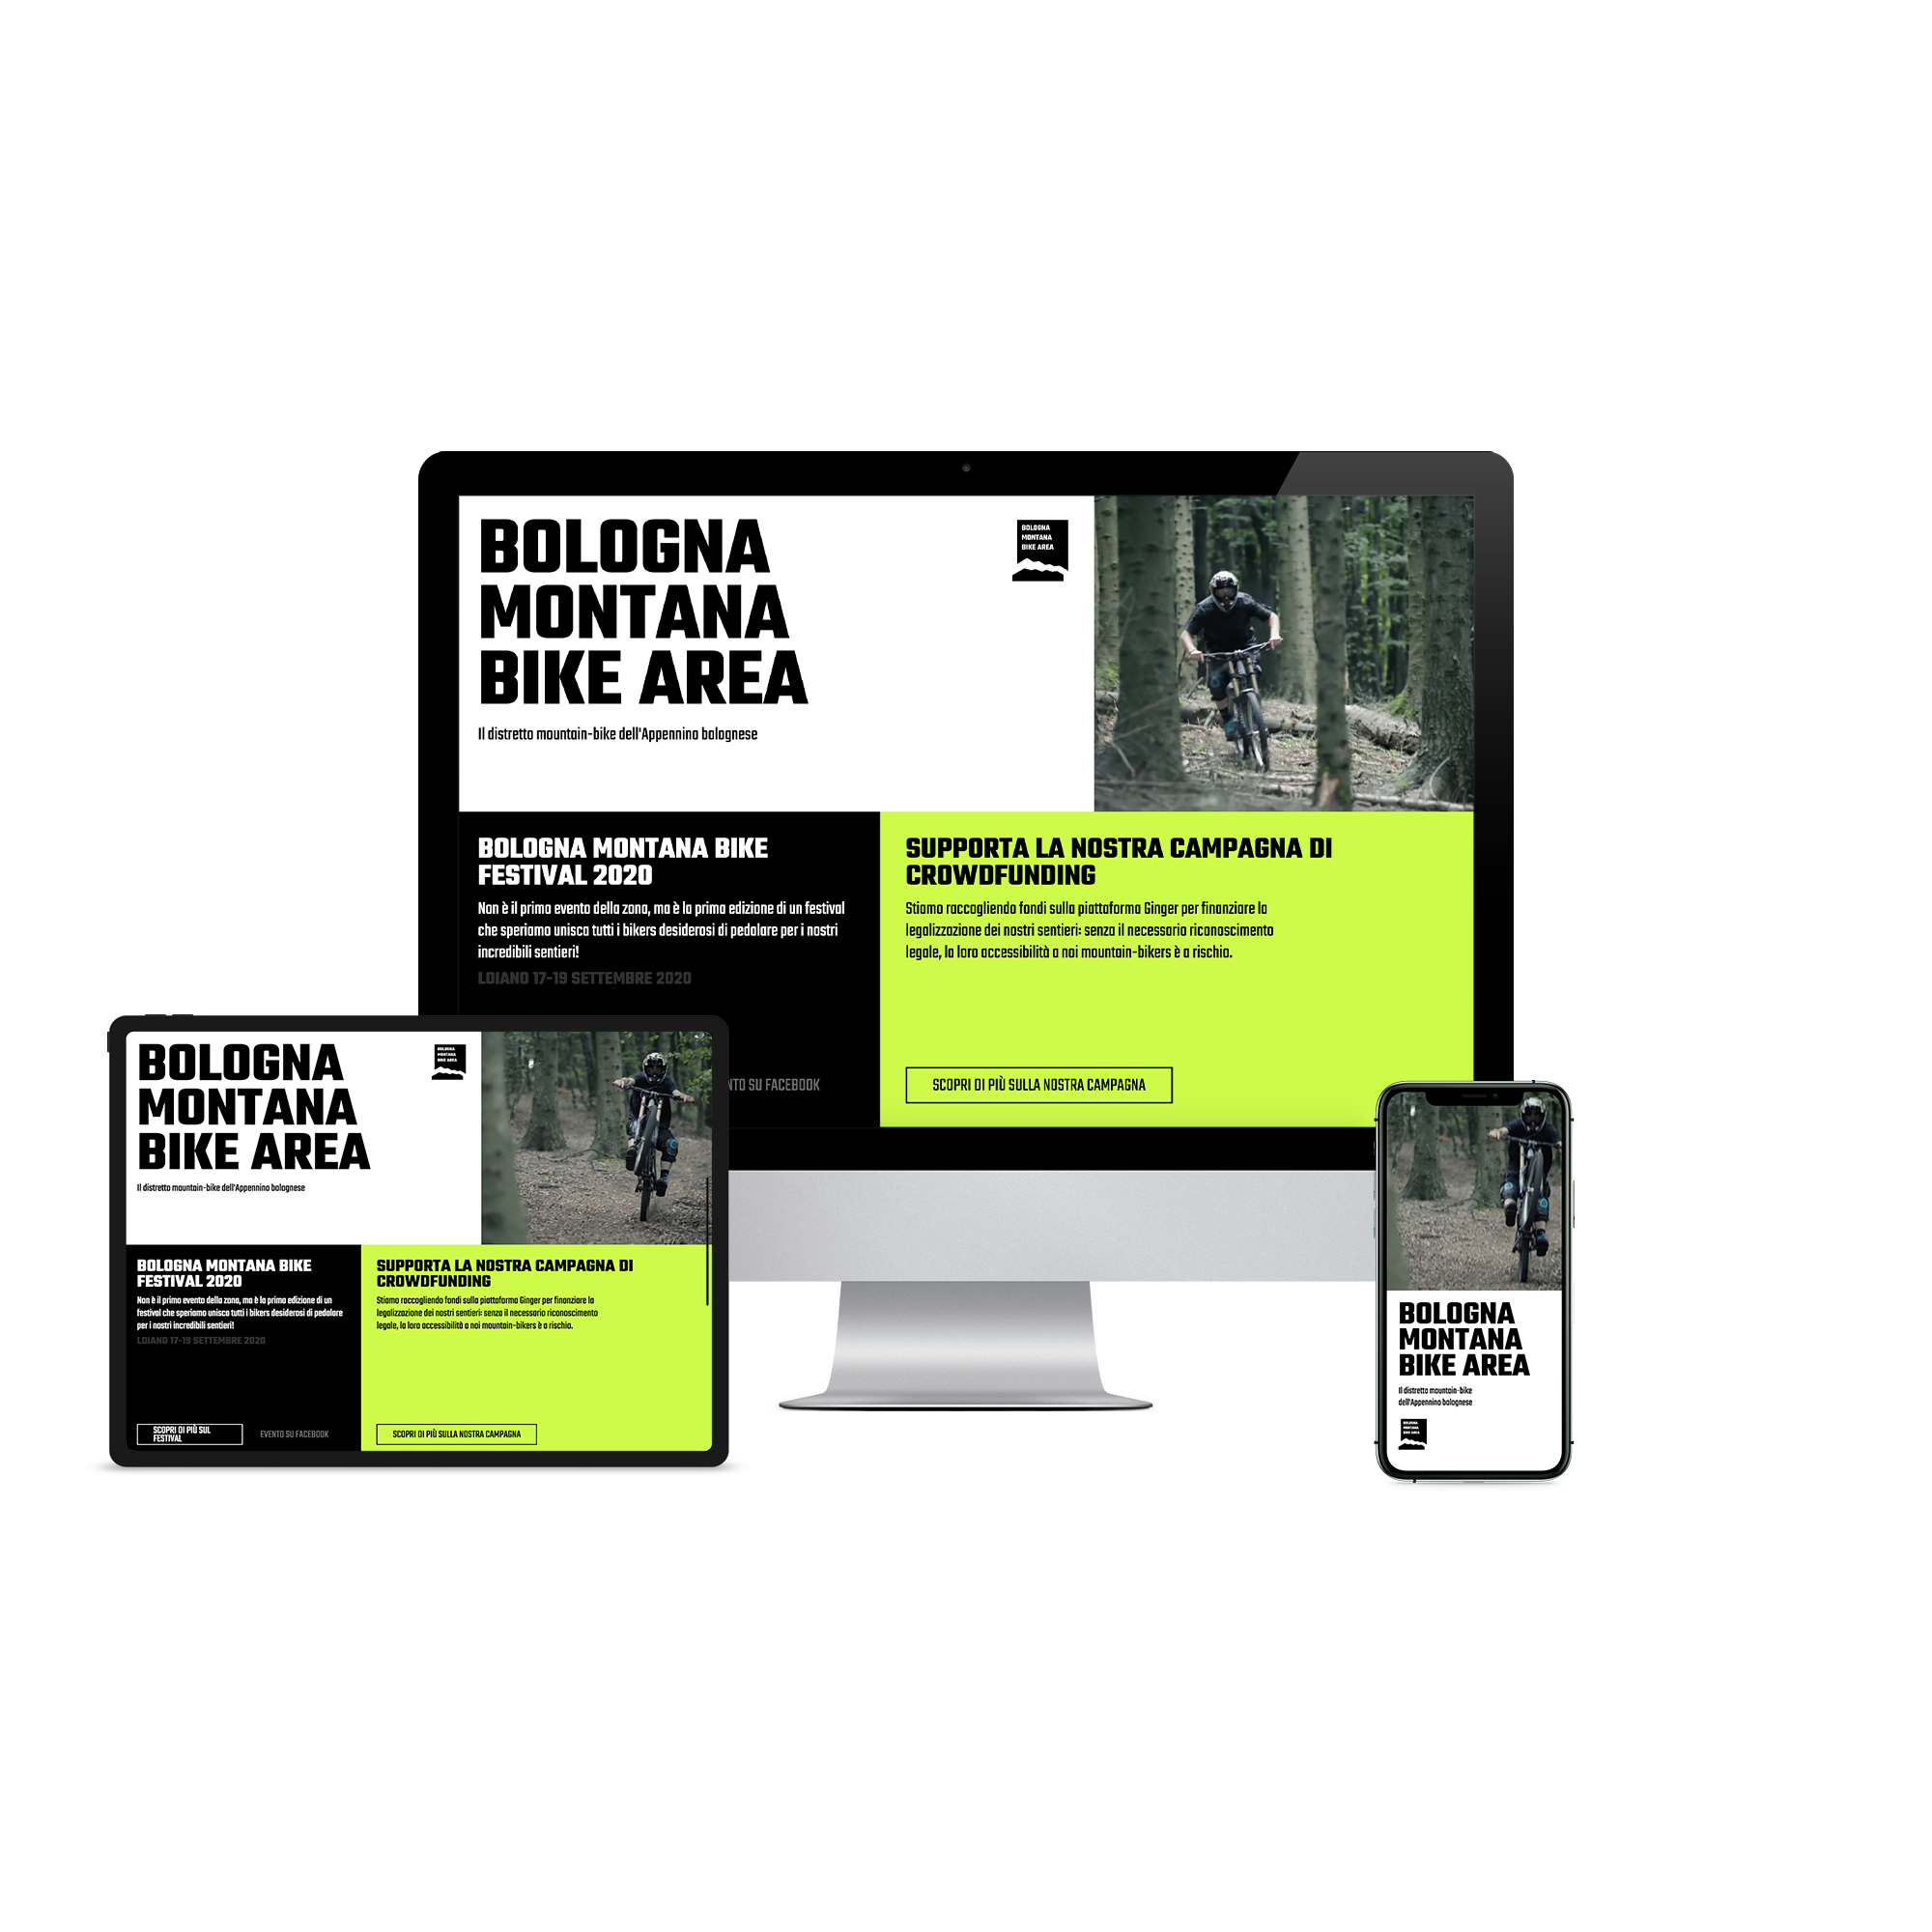 Il sito della Bologna Montana Bike Area. I nostri siti web sono sempre ottimizzati per desktop, tablet e smartphone.